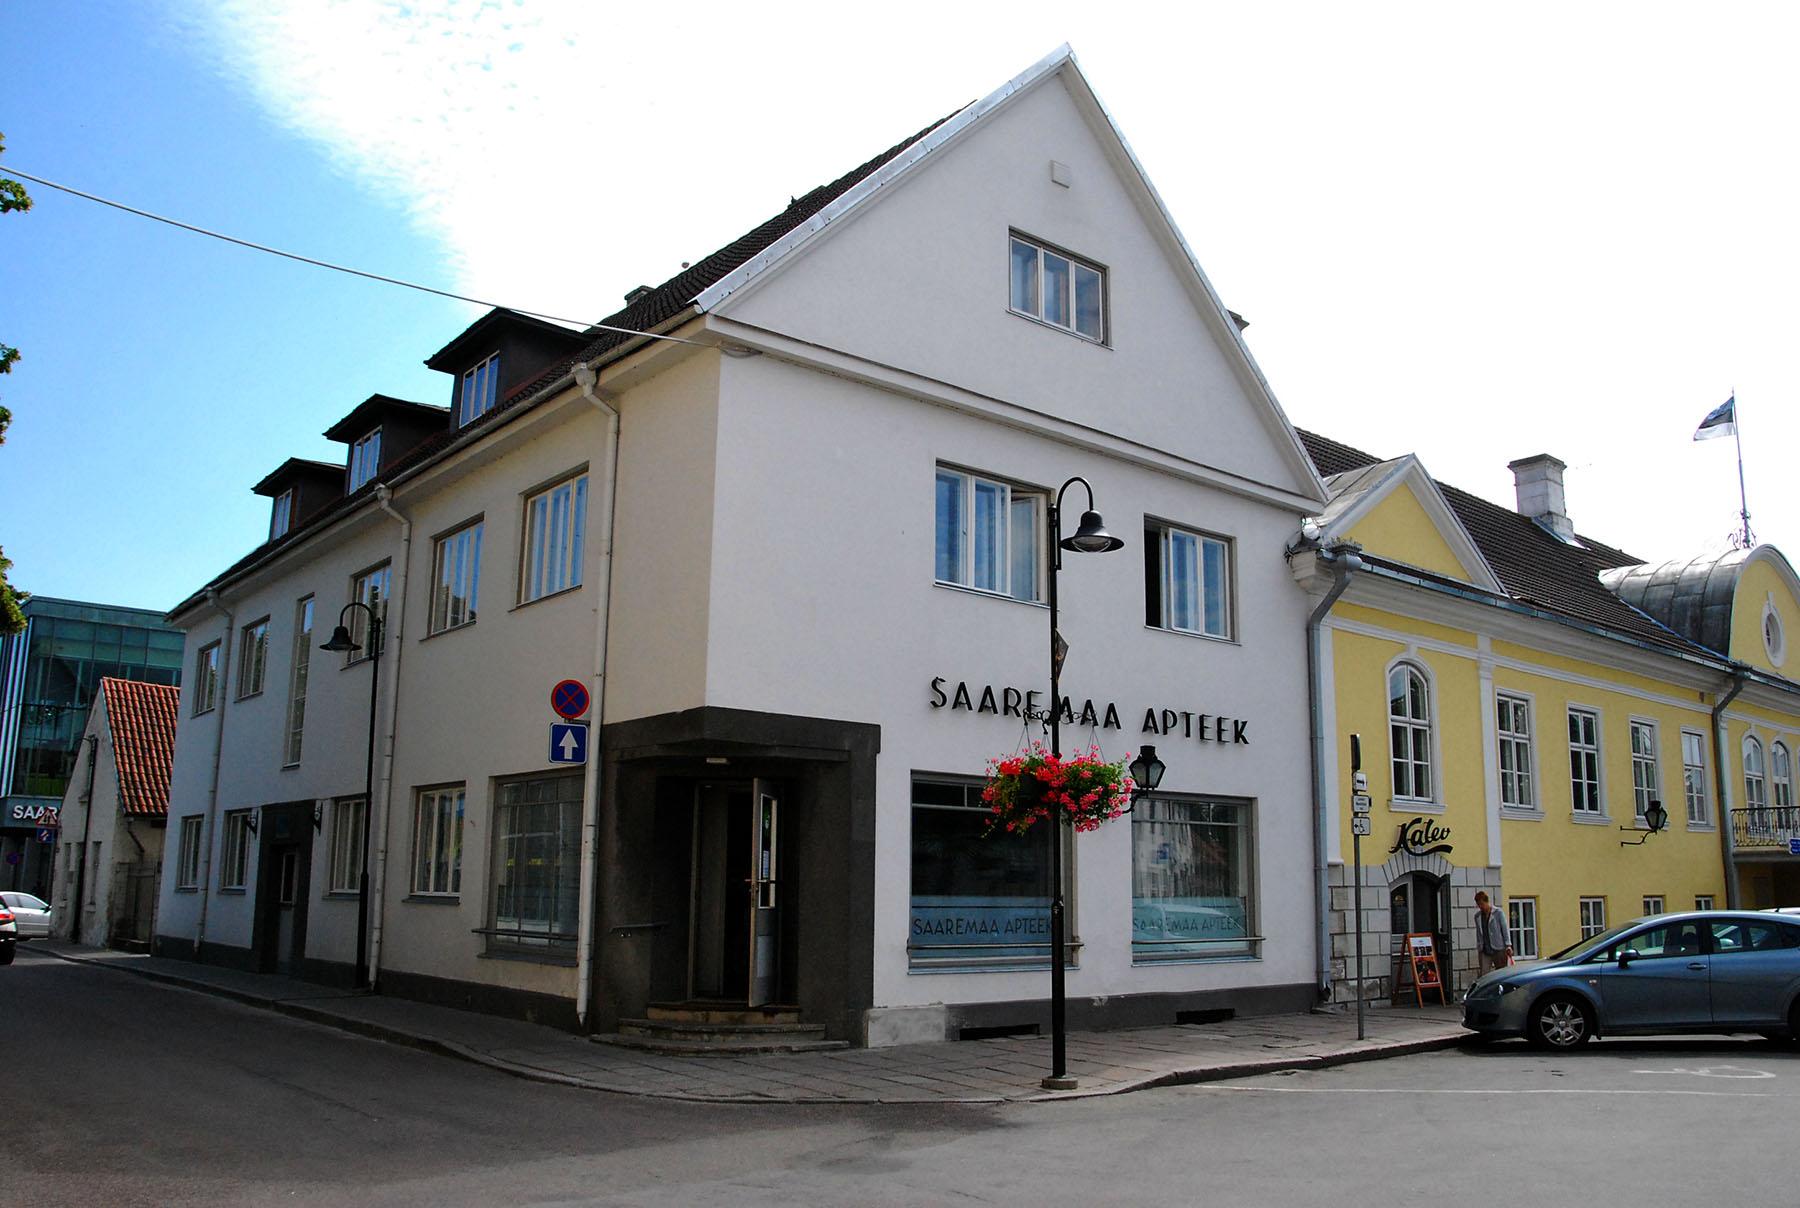 Kuressaare linn 2015. aasta suvel, kui ei teatud tänasest eriolukorrast halba undki näha. Foto: Urmas Saard